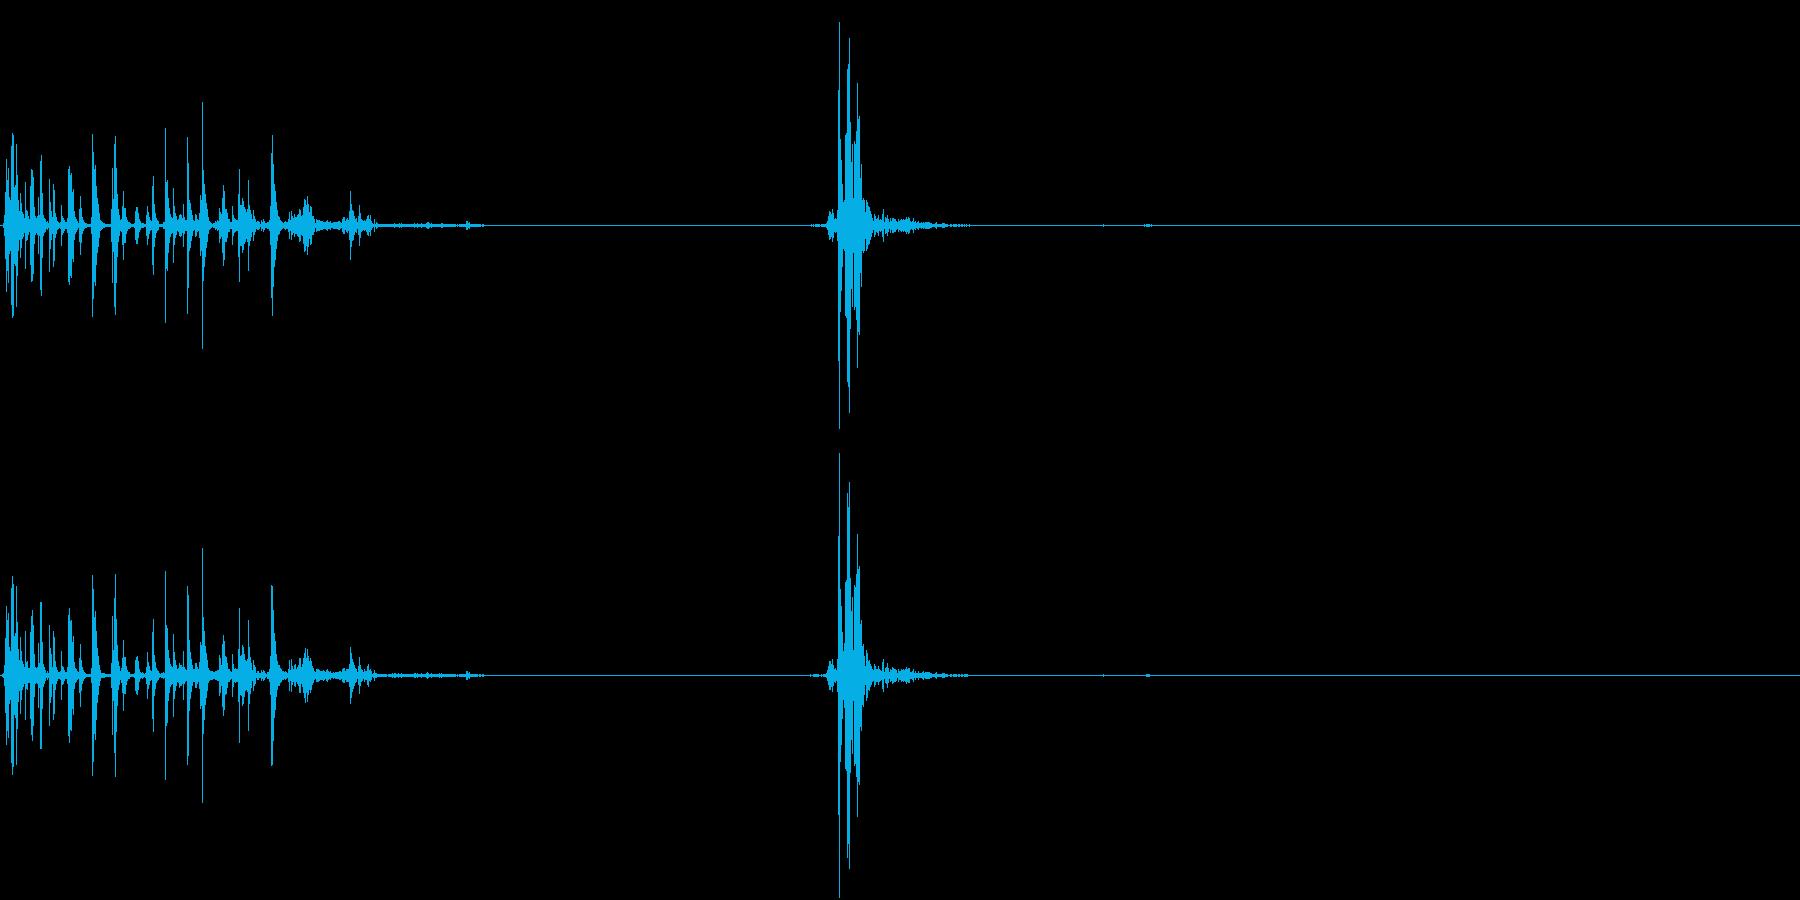 【生録音】ジュポッっと開封・開栓する音の再生済みの波形